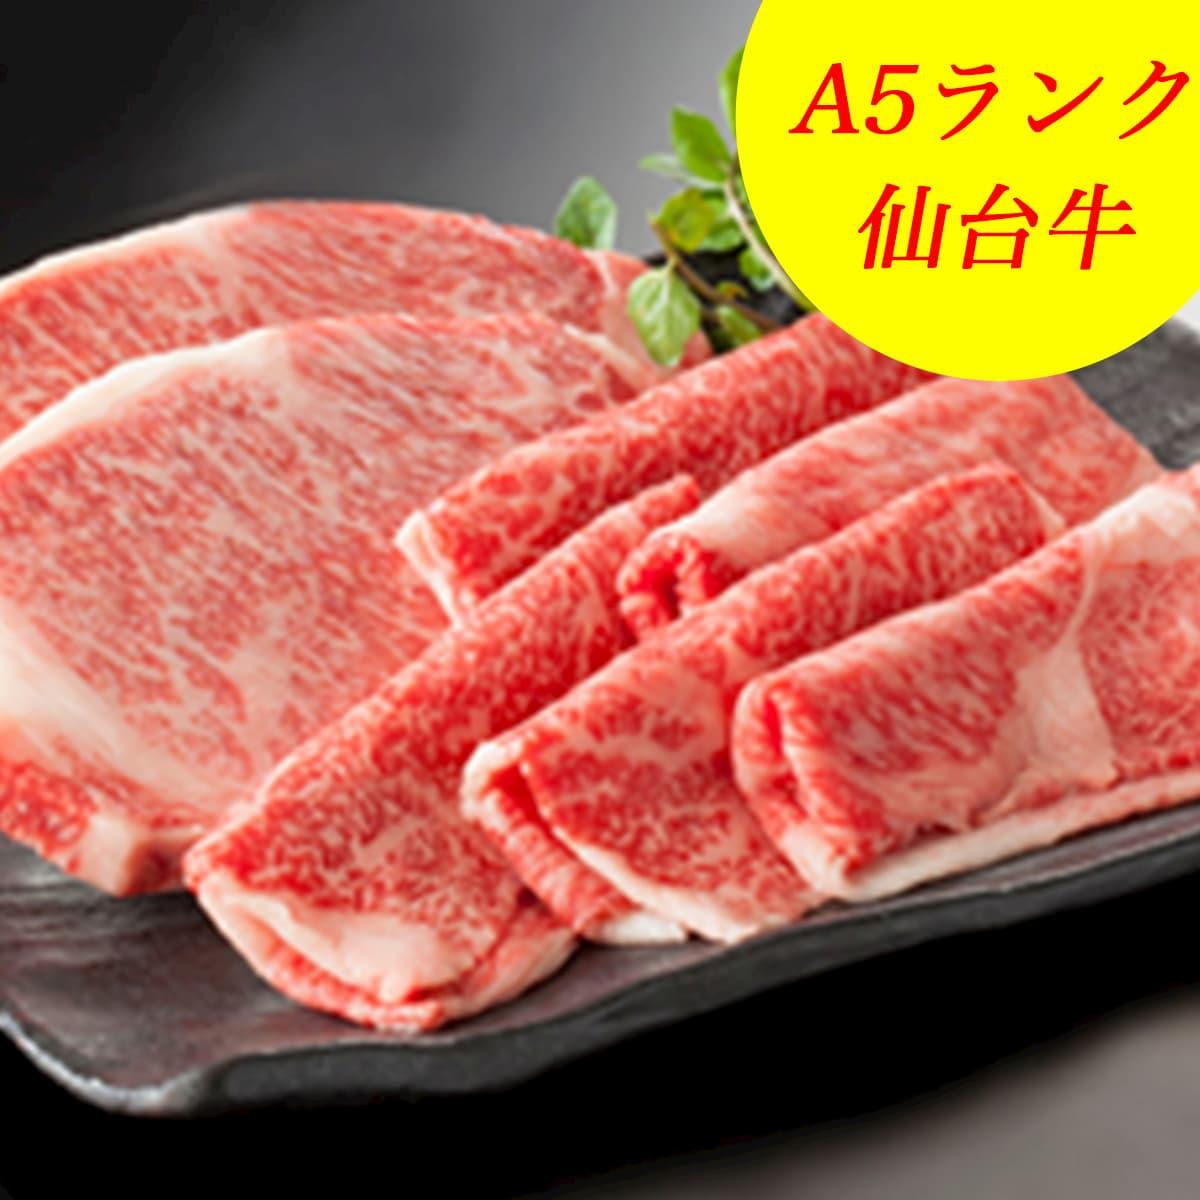 【ふるさと納税】A5ランク仙台牛 サーロイン『ステーキ用』1kg